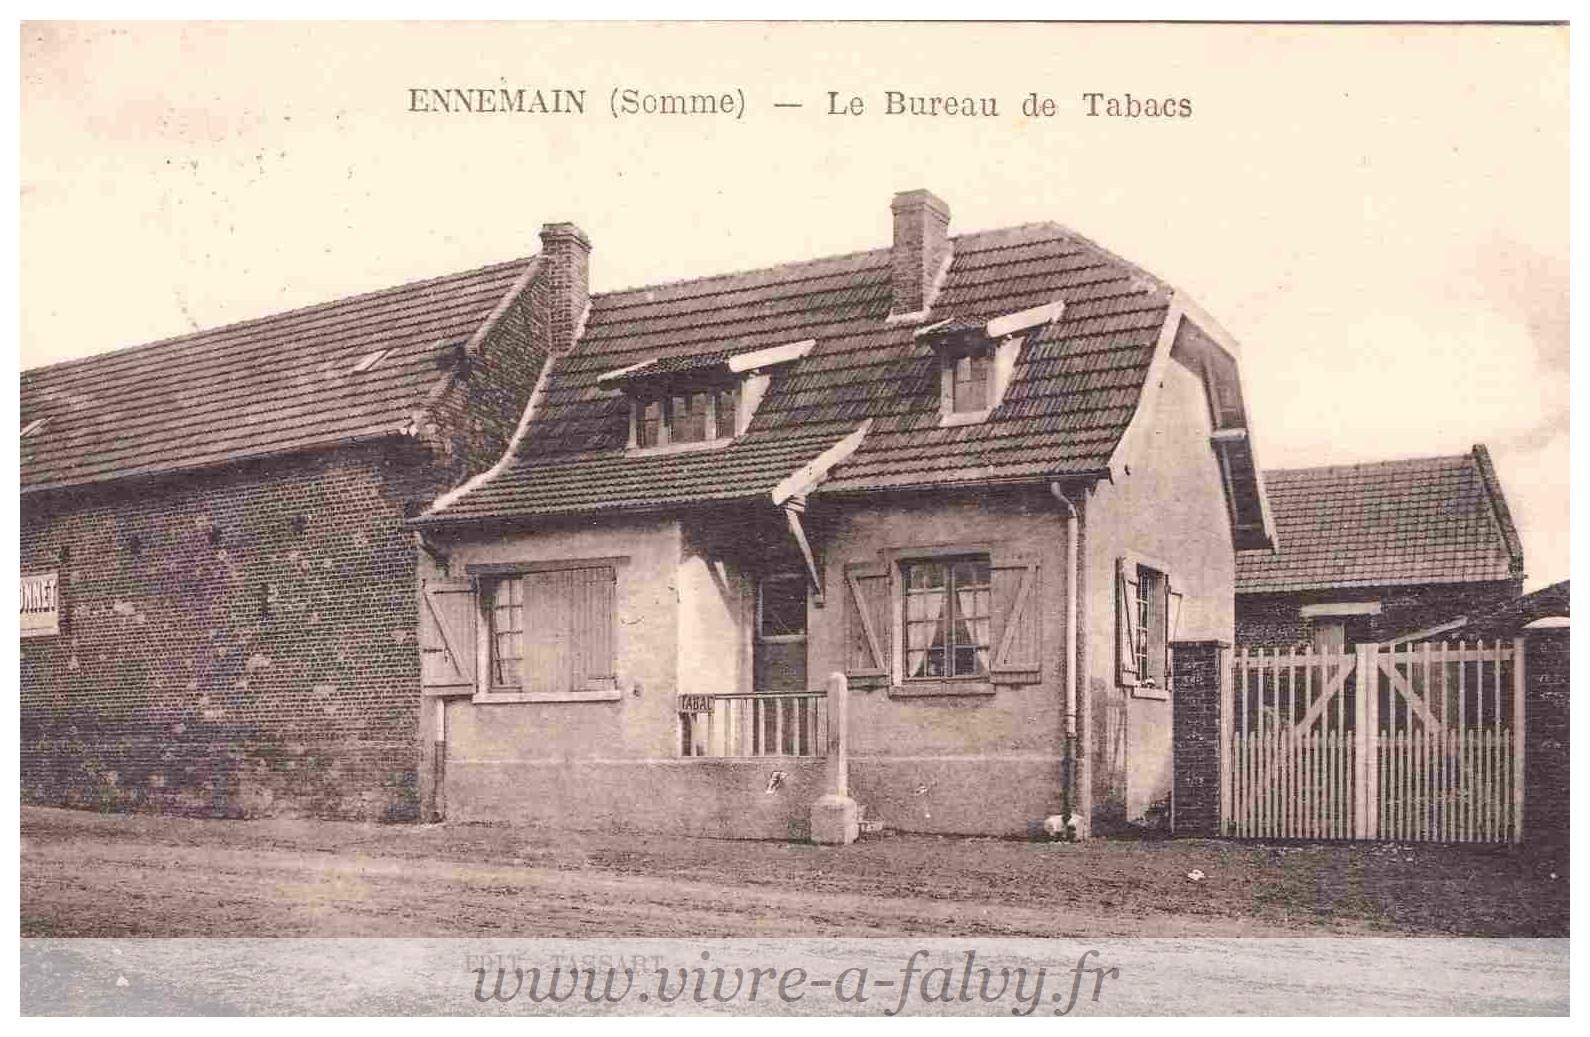 Ennemain - Le Bureau des tabacs